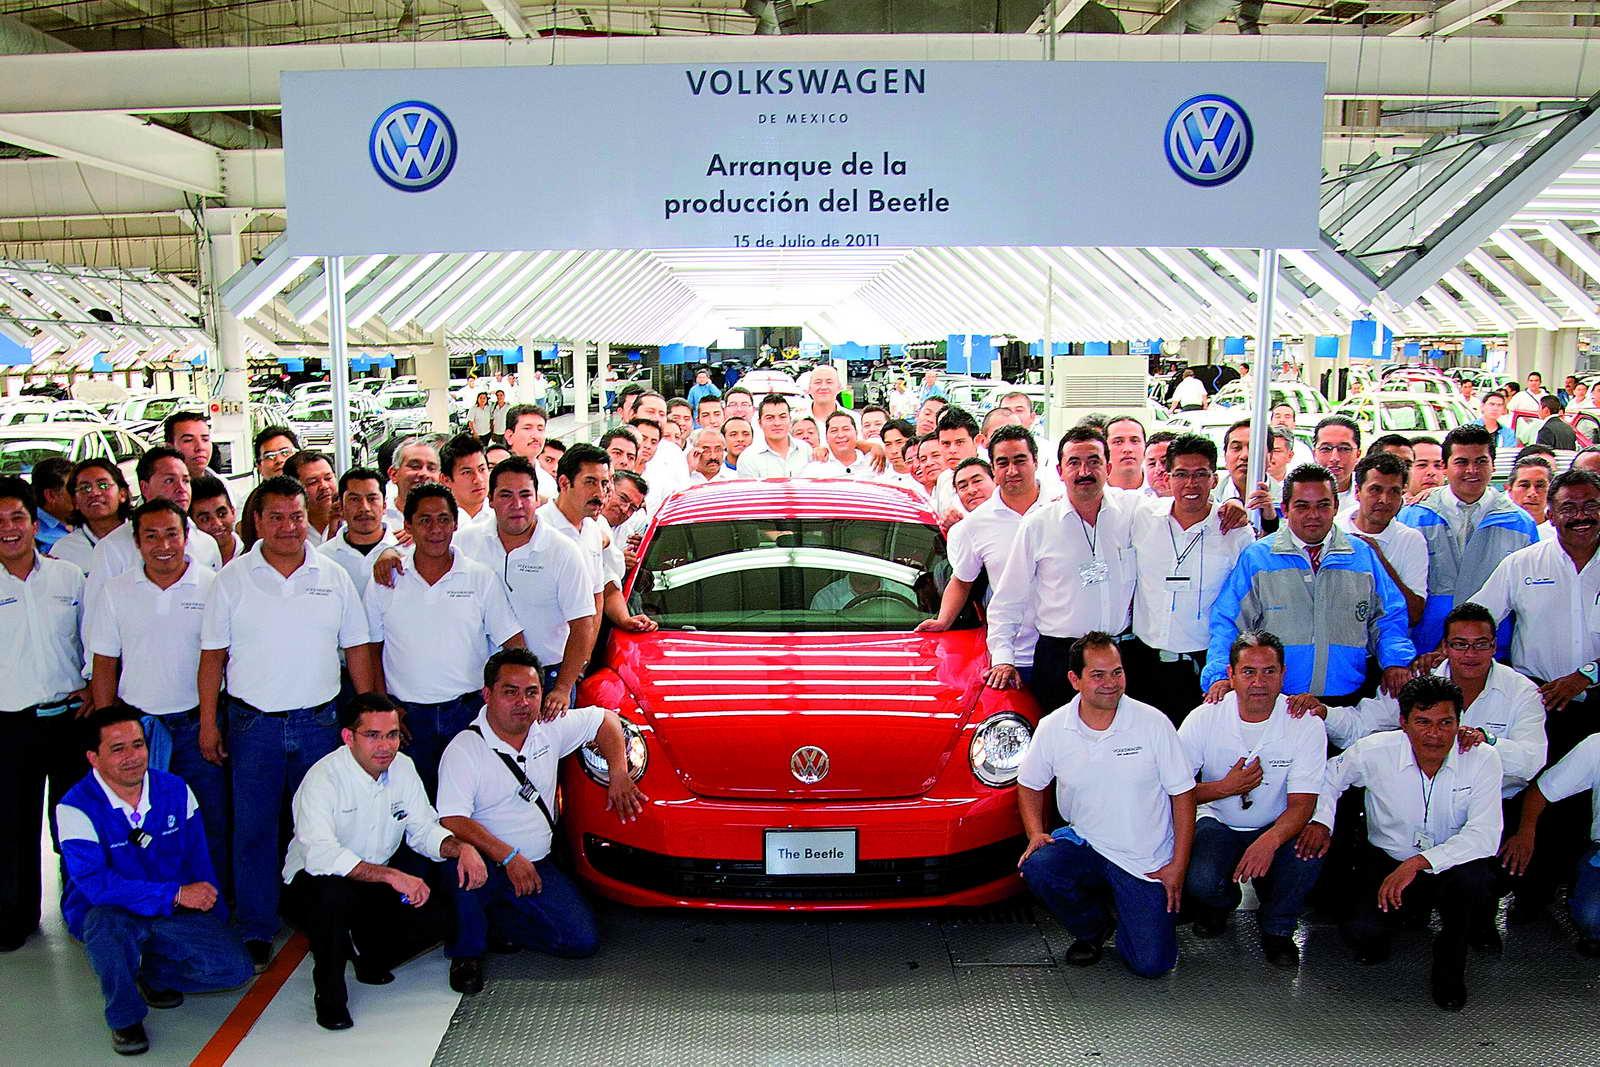 Volkswagen_Beetle_Puebla_01